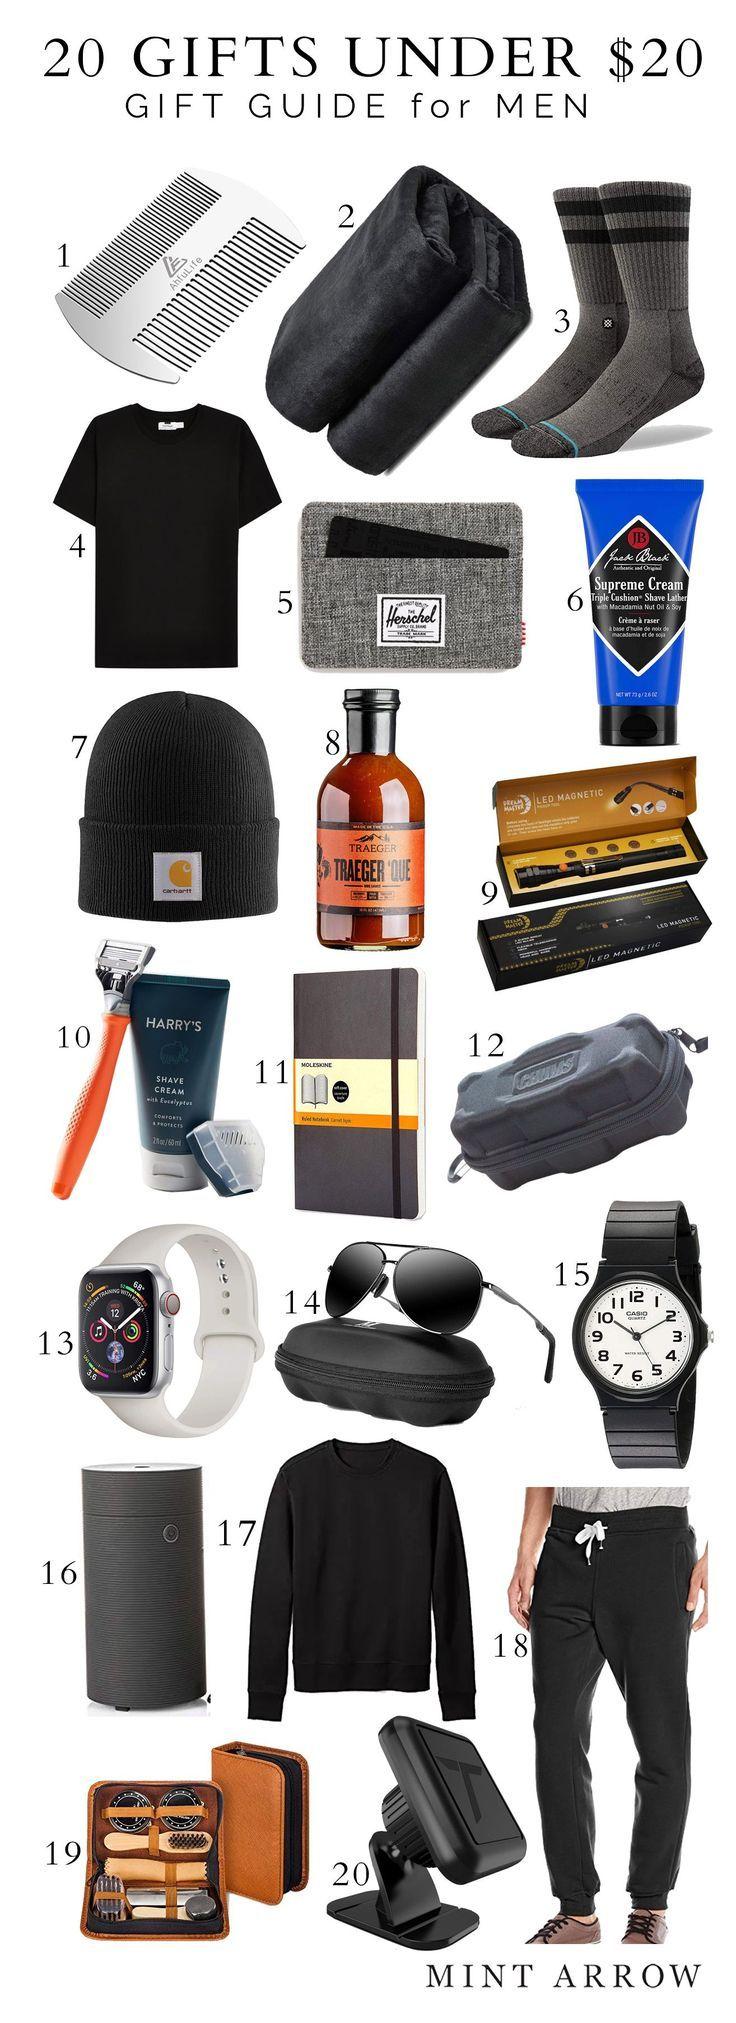 20 christmas gift ideas under 20 for women men mint